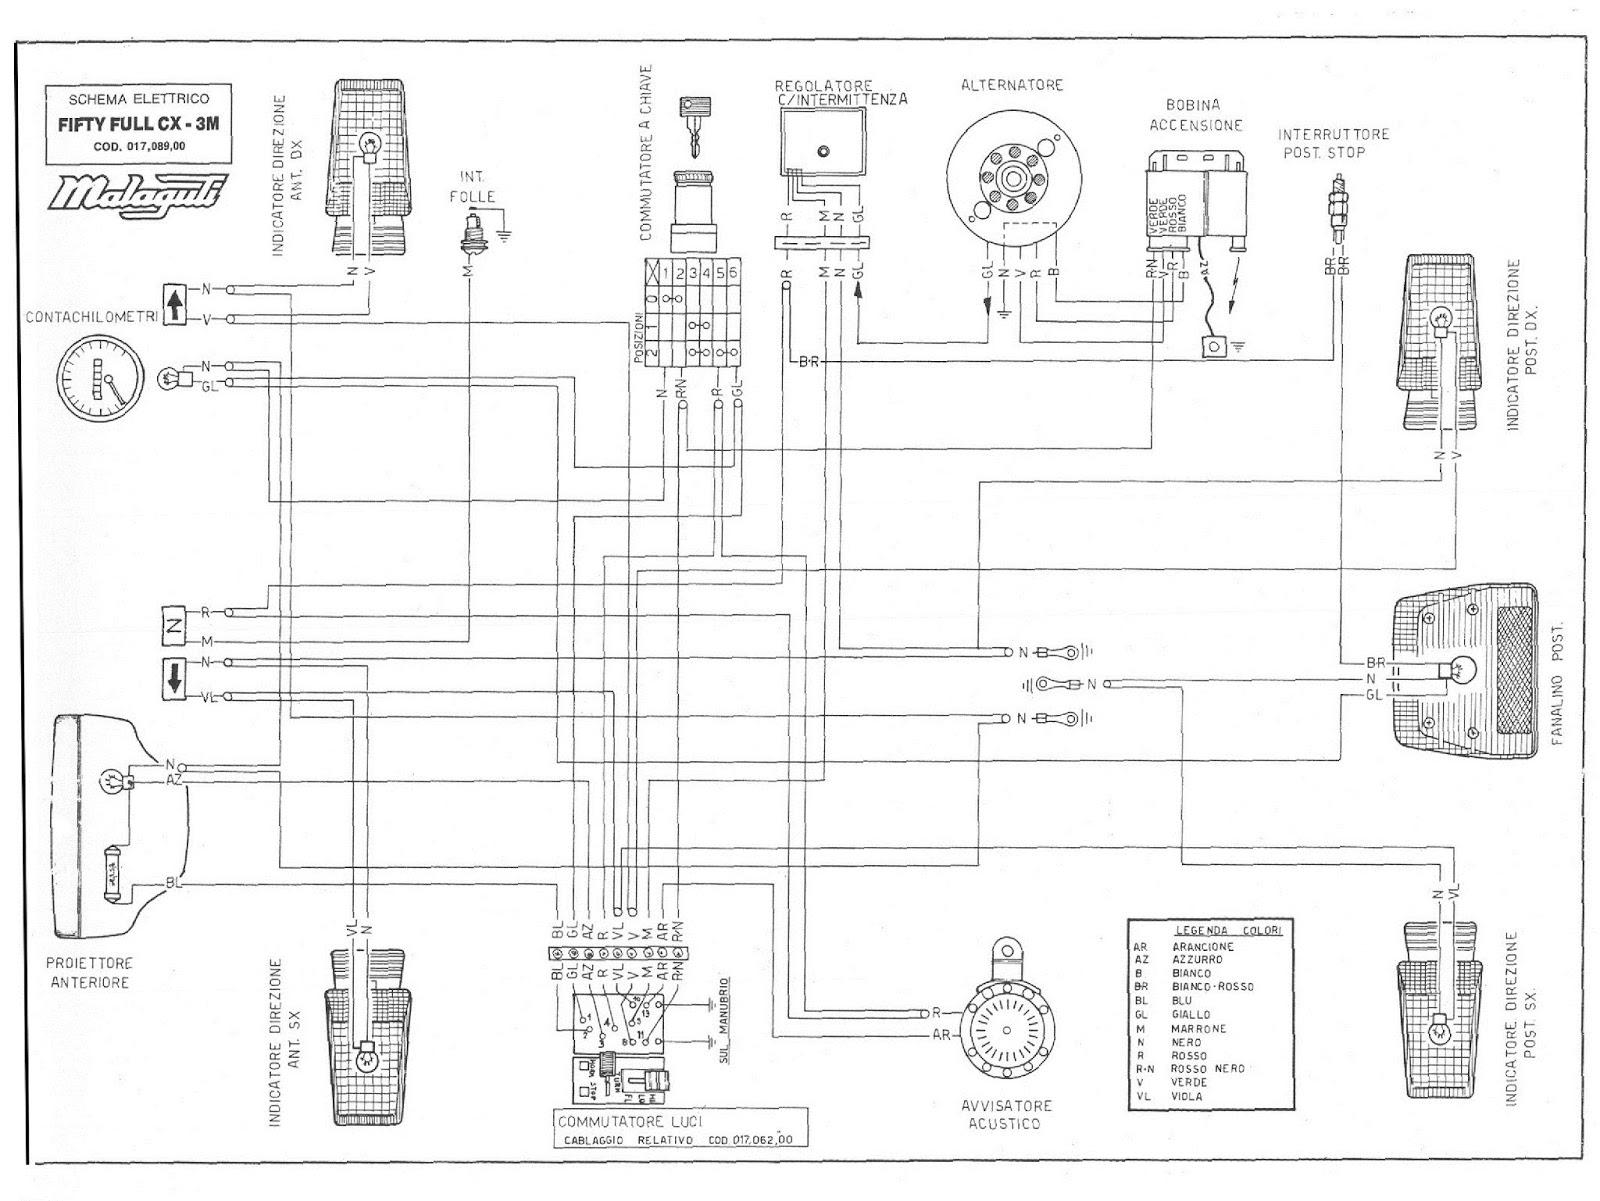 Schema Elettrico Zip 50 : Rigpix database schematics manuals n stuff